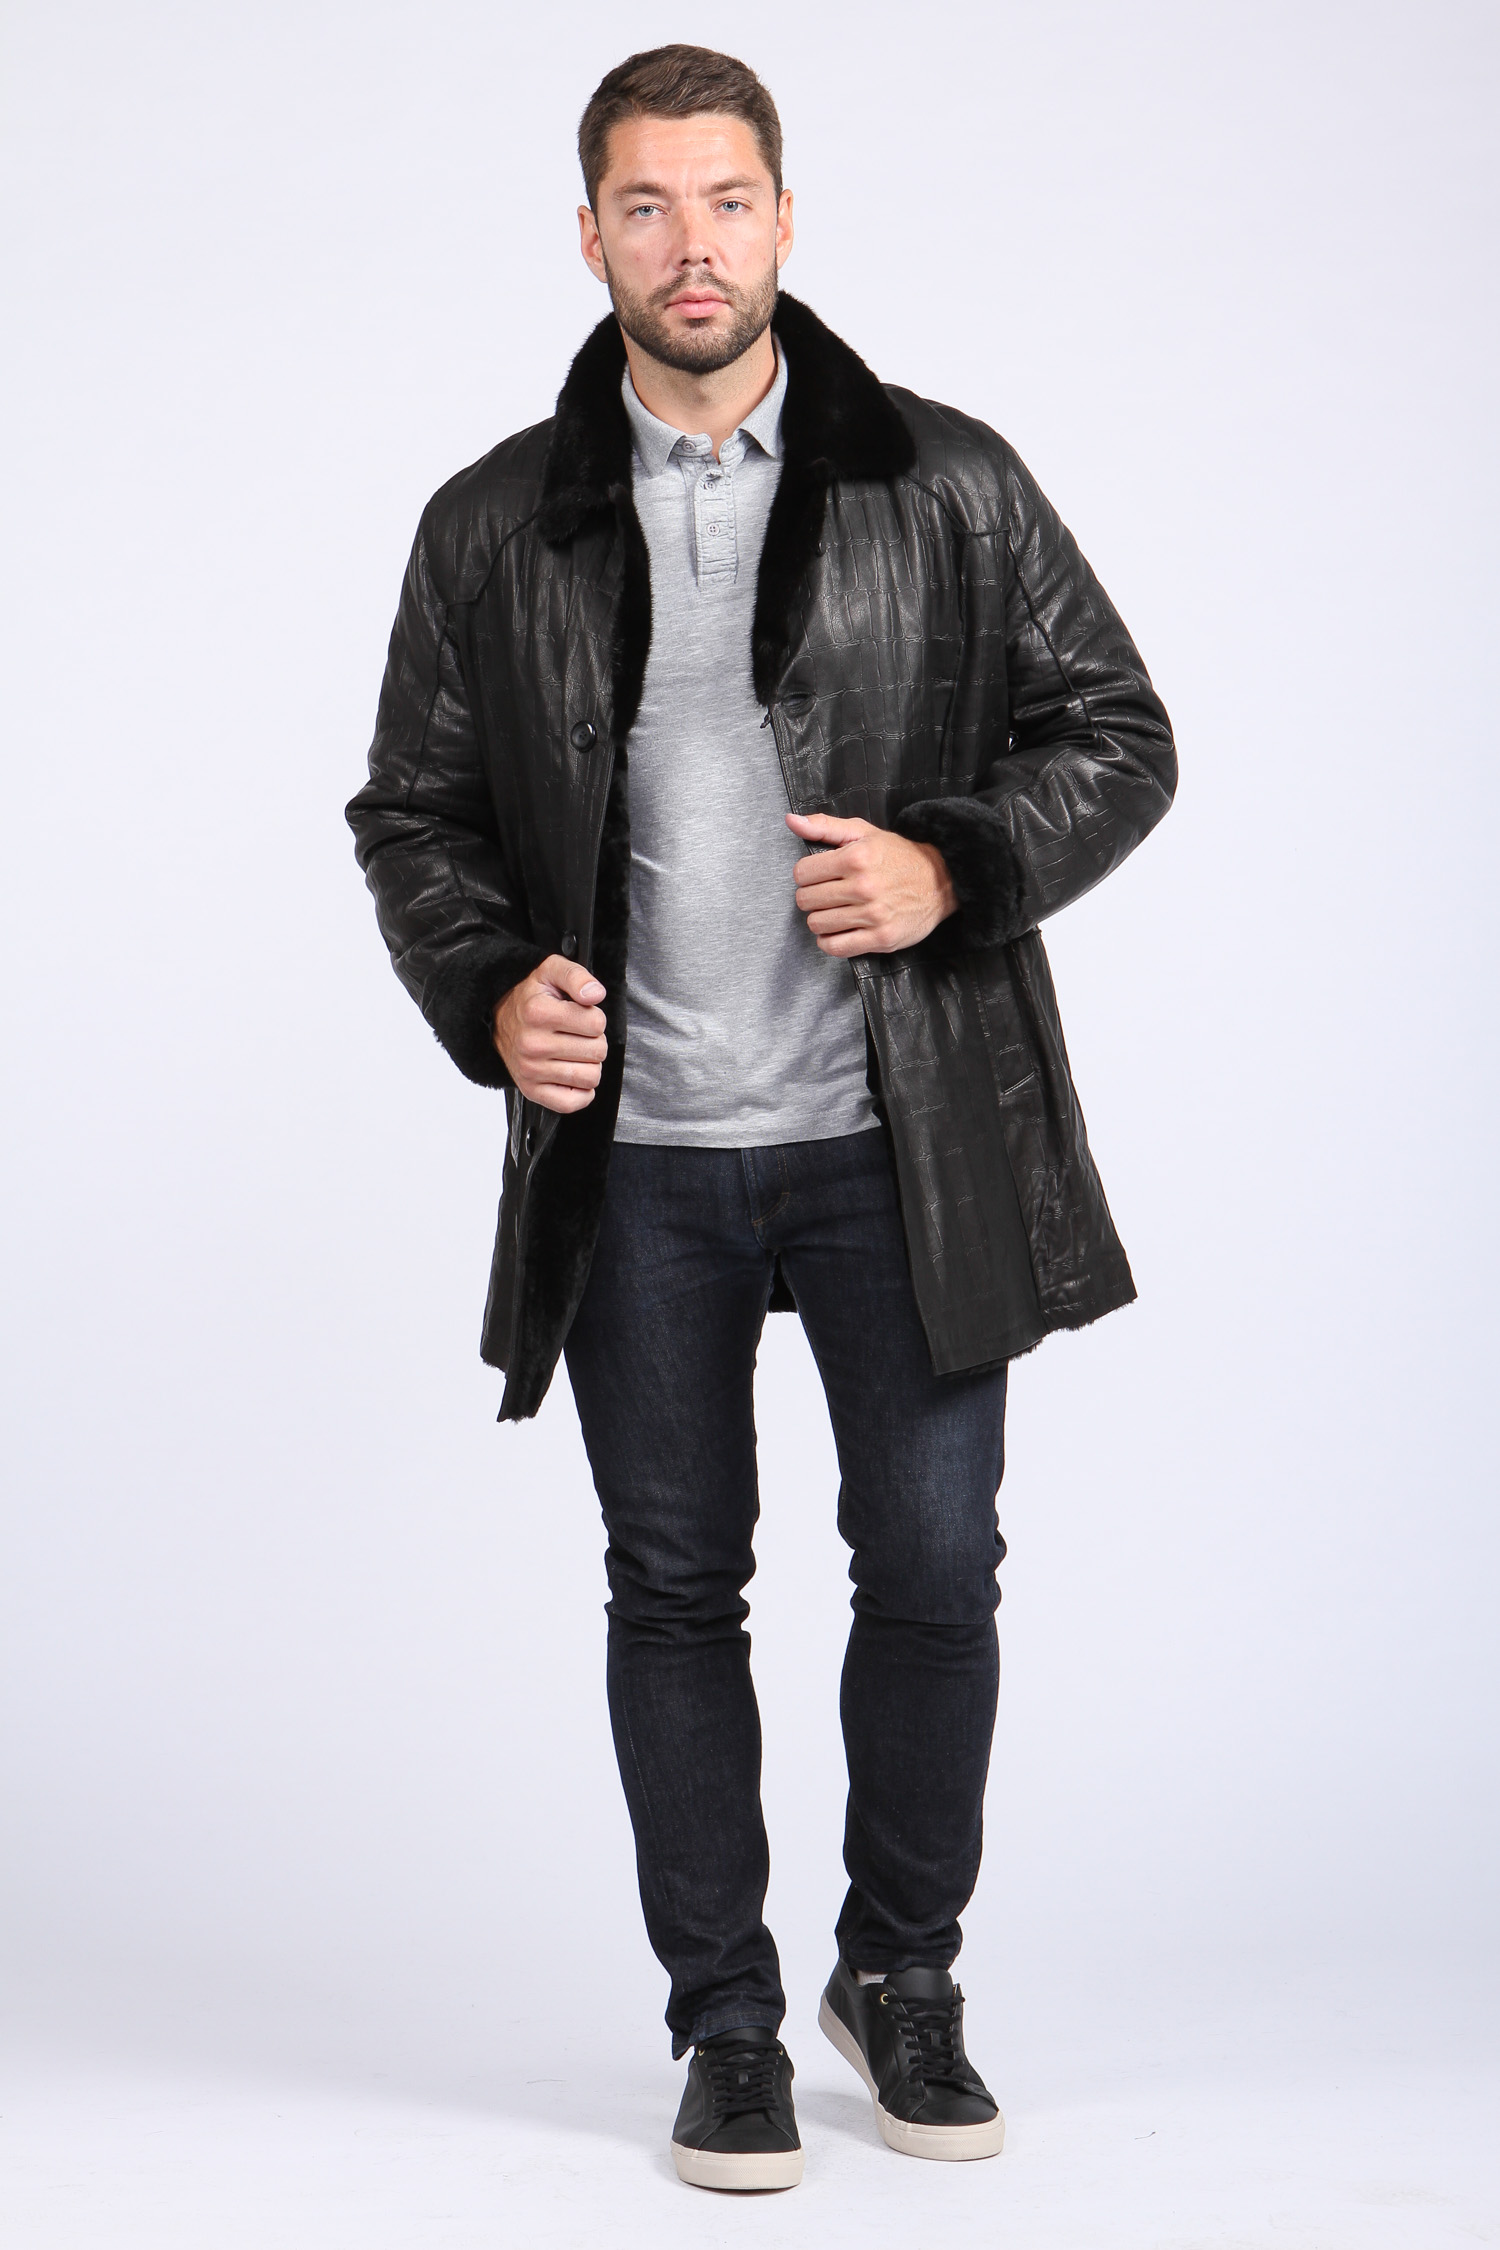 Мужская кожаная куртка из натуральной овчины на меху с воротником, отделка норка от Московская Меховая Компания